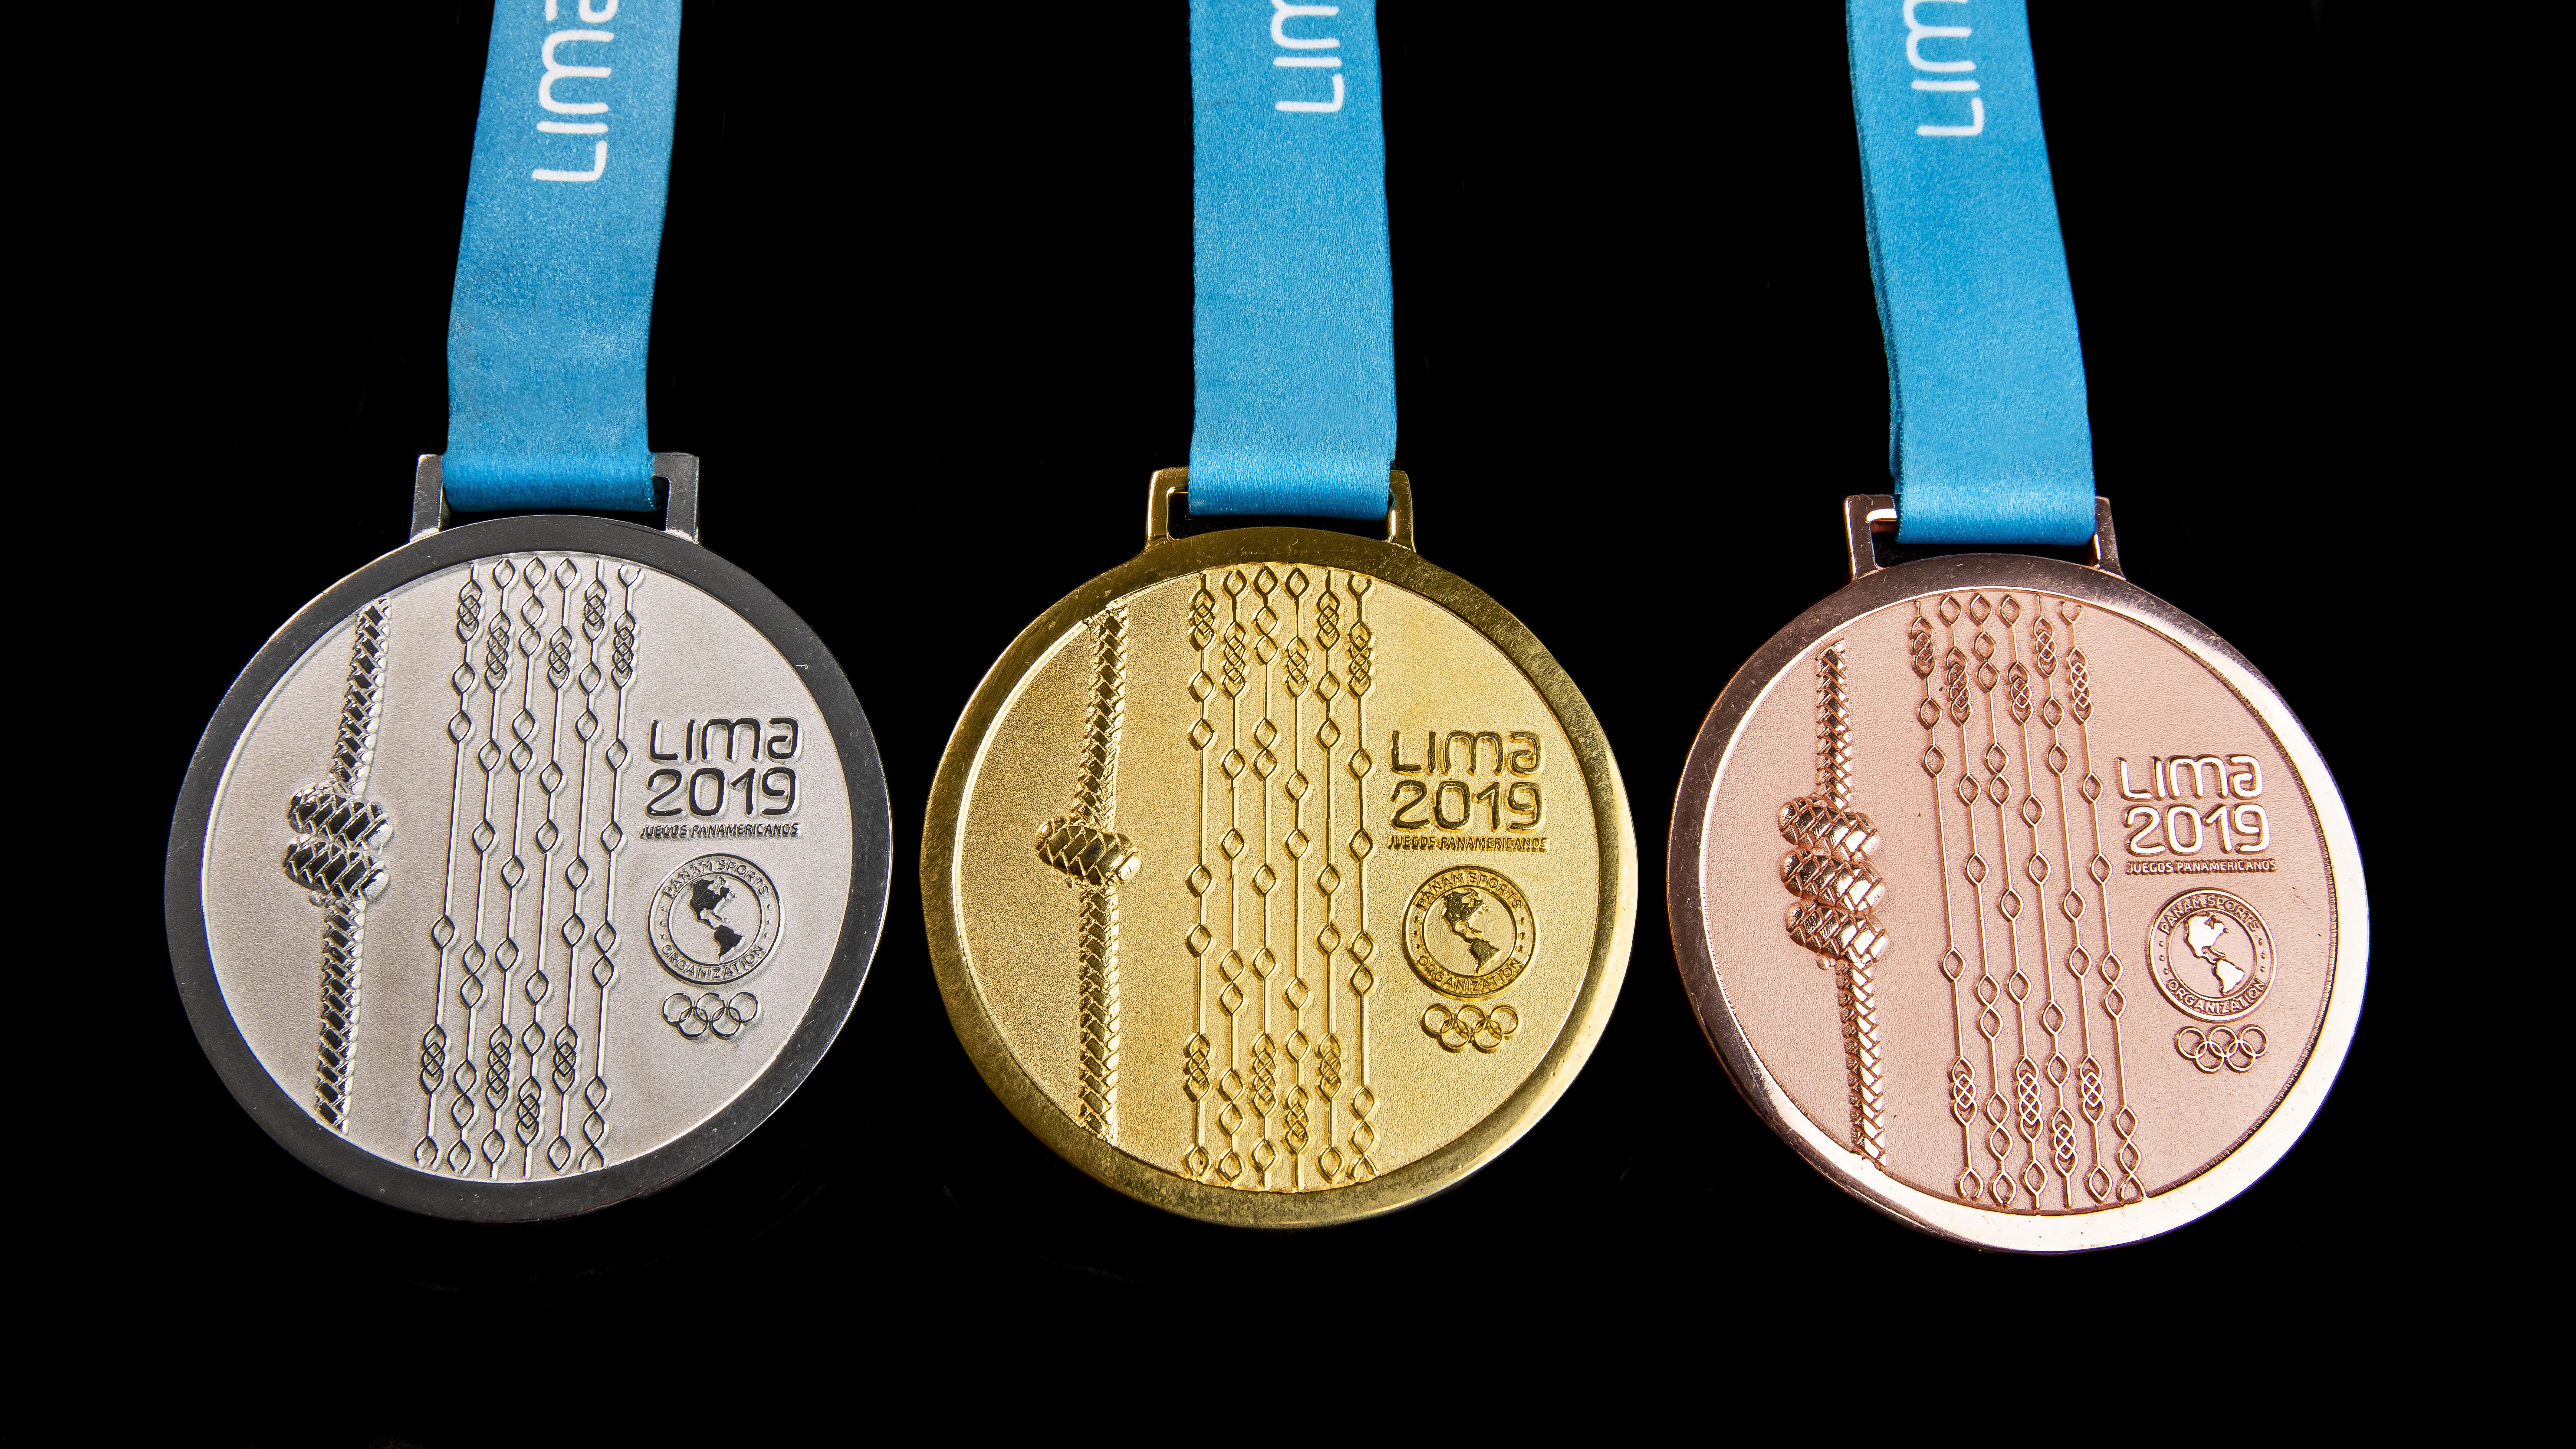 Estos son los detalles que llevarán las medallas en los Juegos Panamericanos